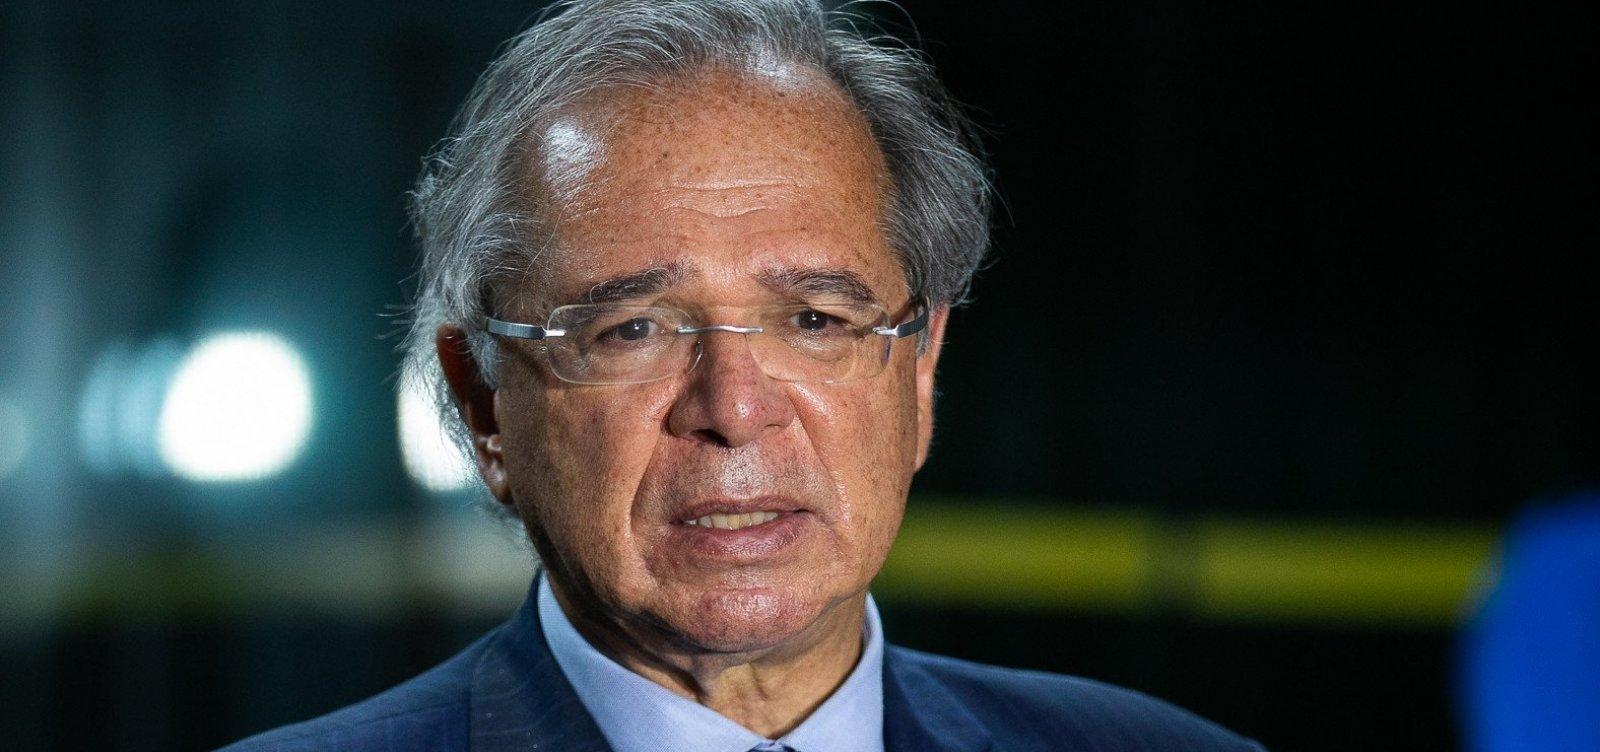 Reformas tributária e administrativa serão aprovadas até o final do ano, diz Guedes nos EUA